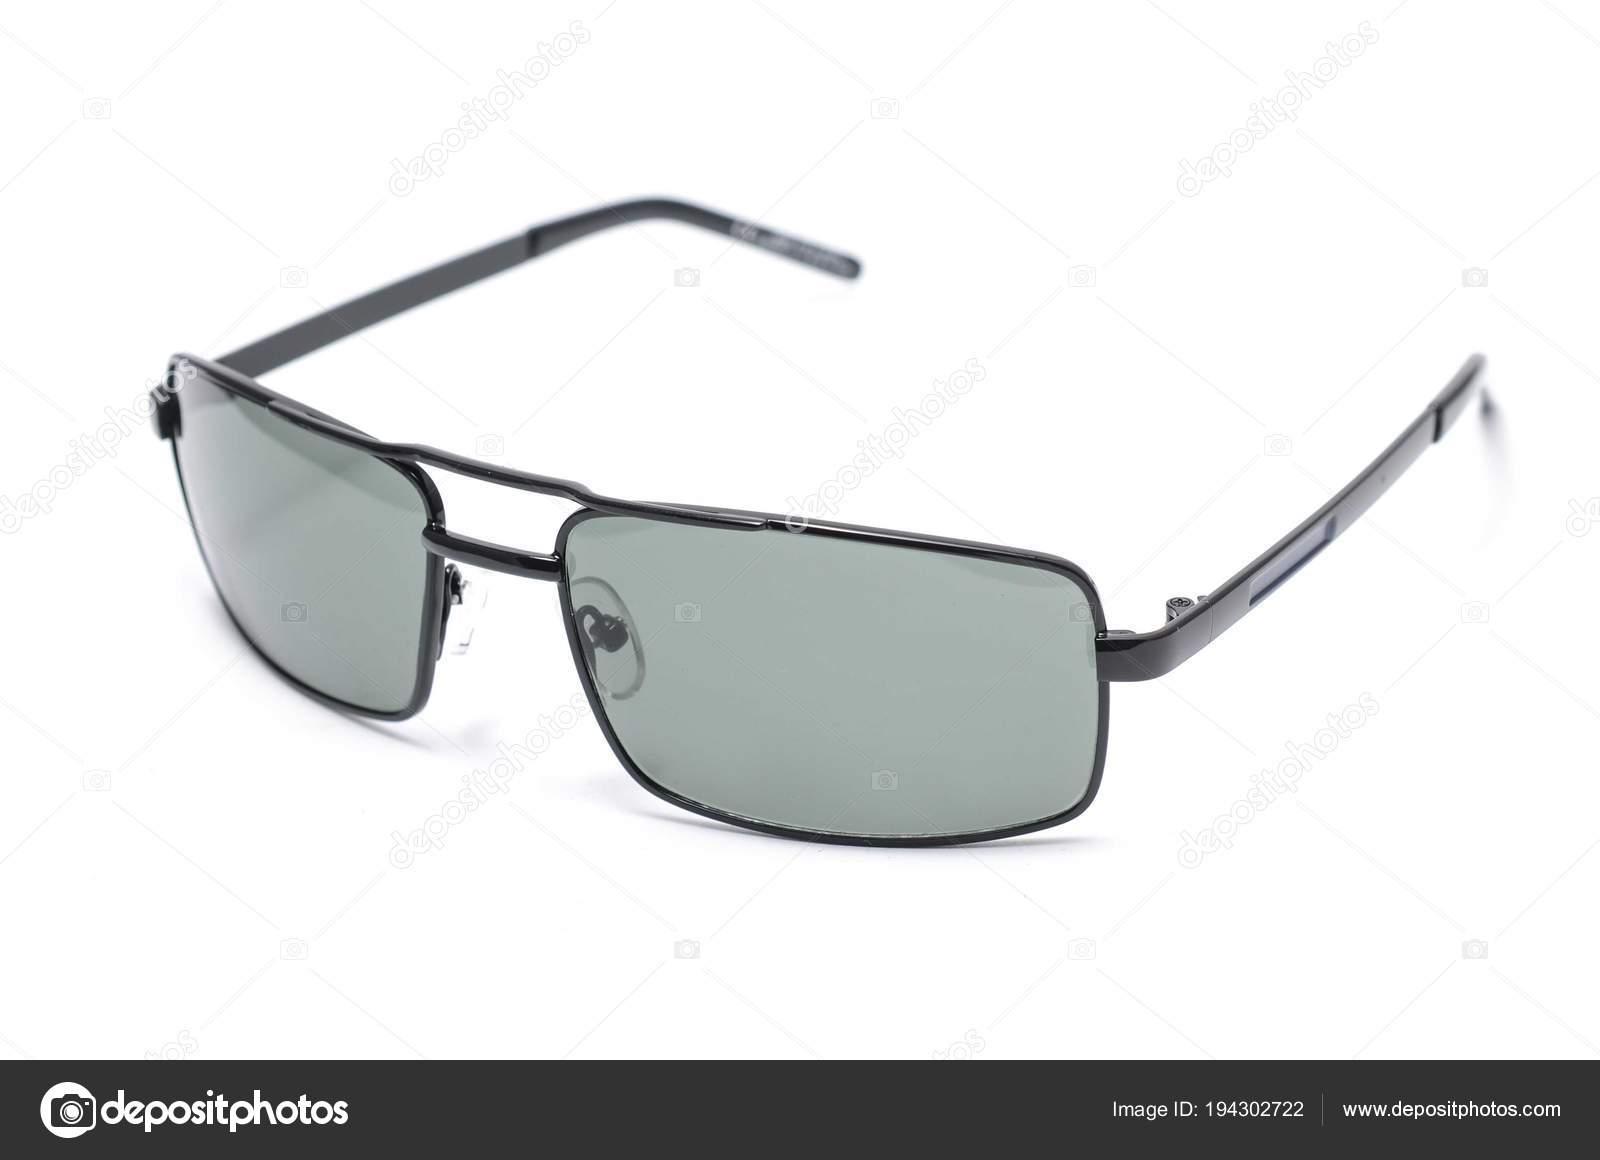 38fee32e2 Óculos de sol retangulares em uma armação de metal fina sobre um fundo  branco — Fotografia